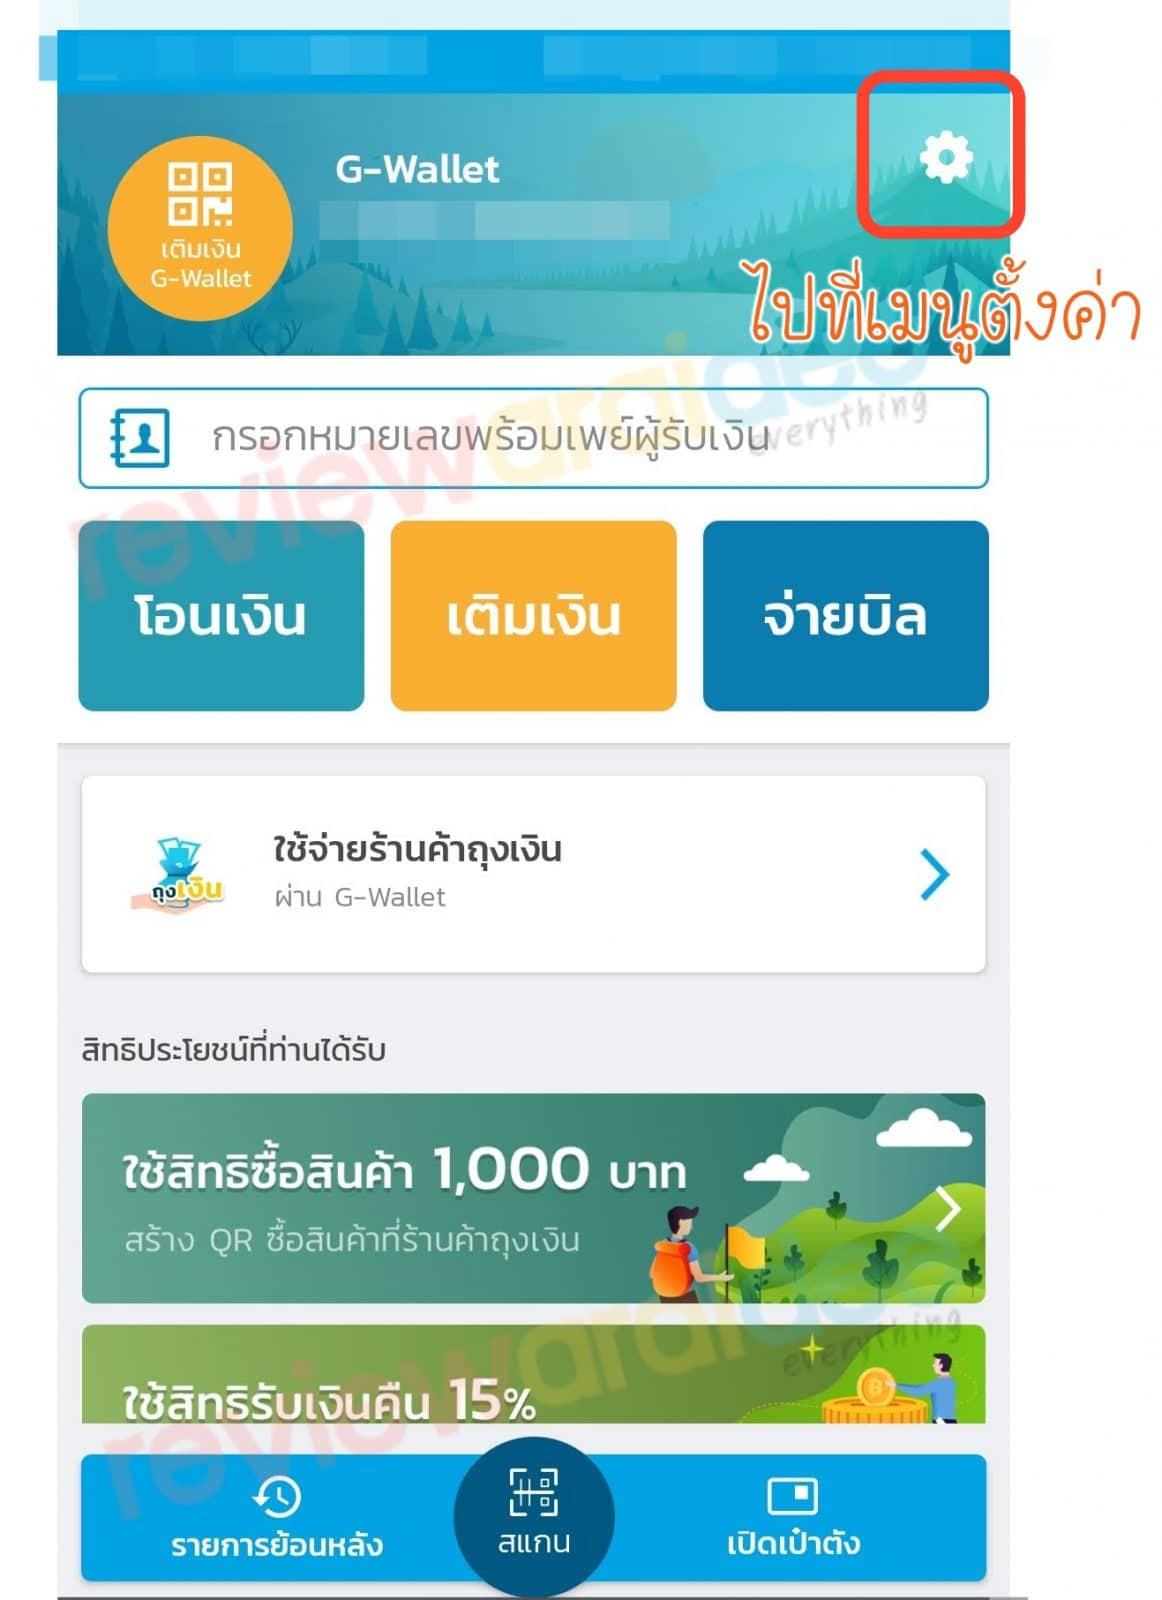 1000 baht g wallet  1